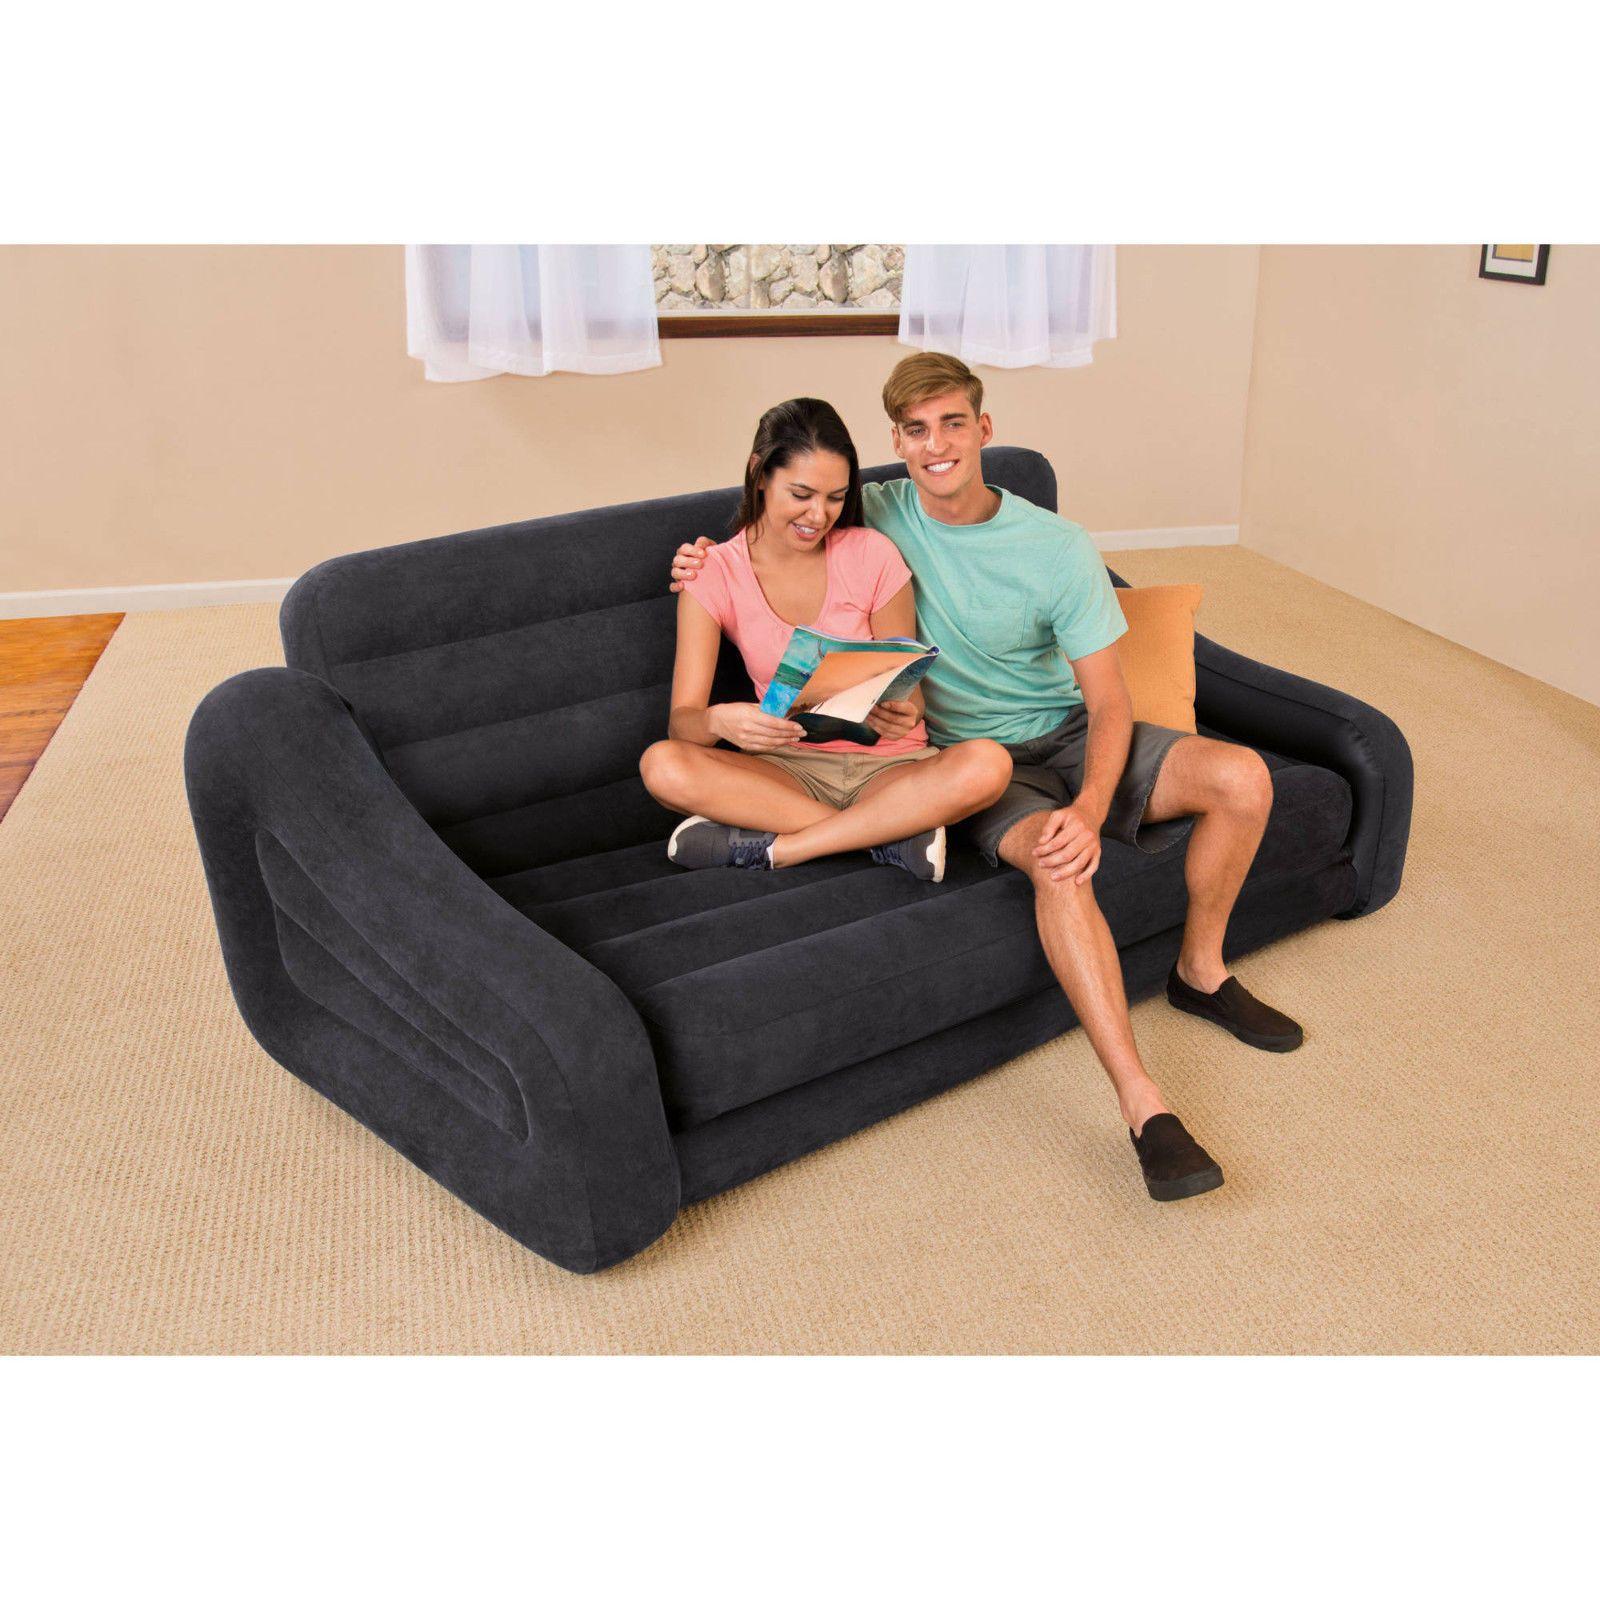 Canapé-lit Sofa sectionnel Sleeper Futon Meubles de salon NOUVEAU